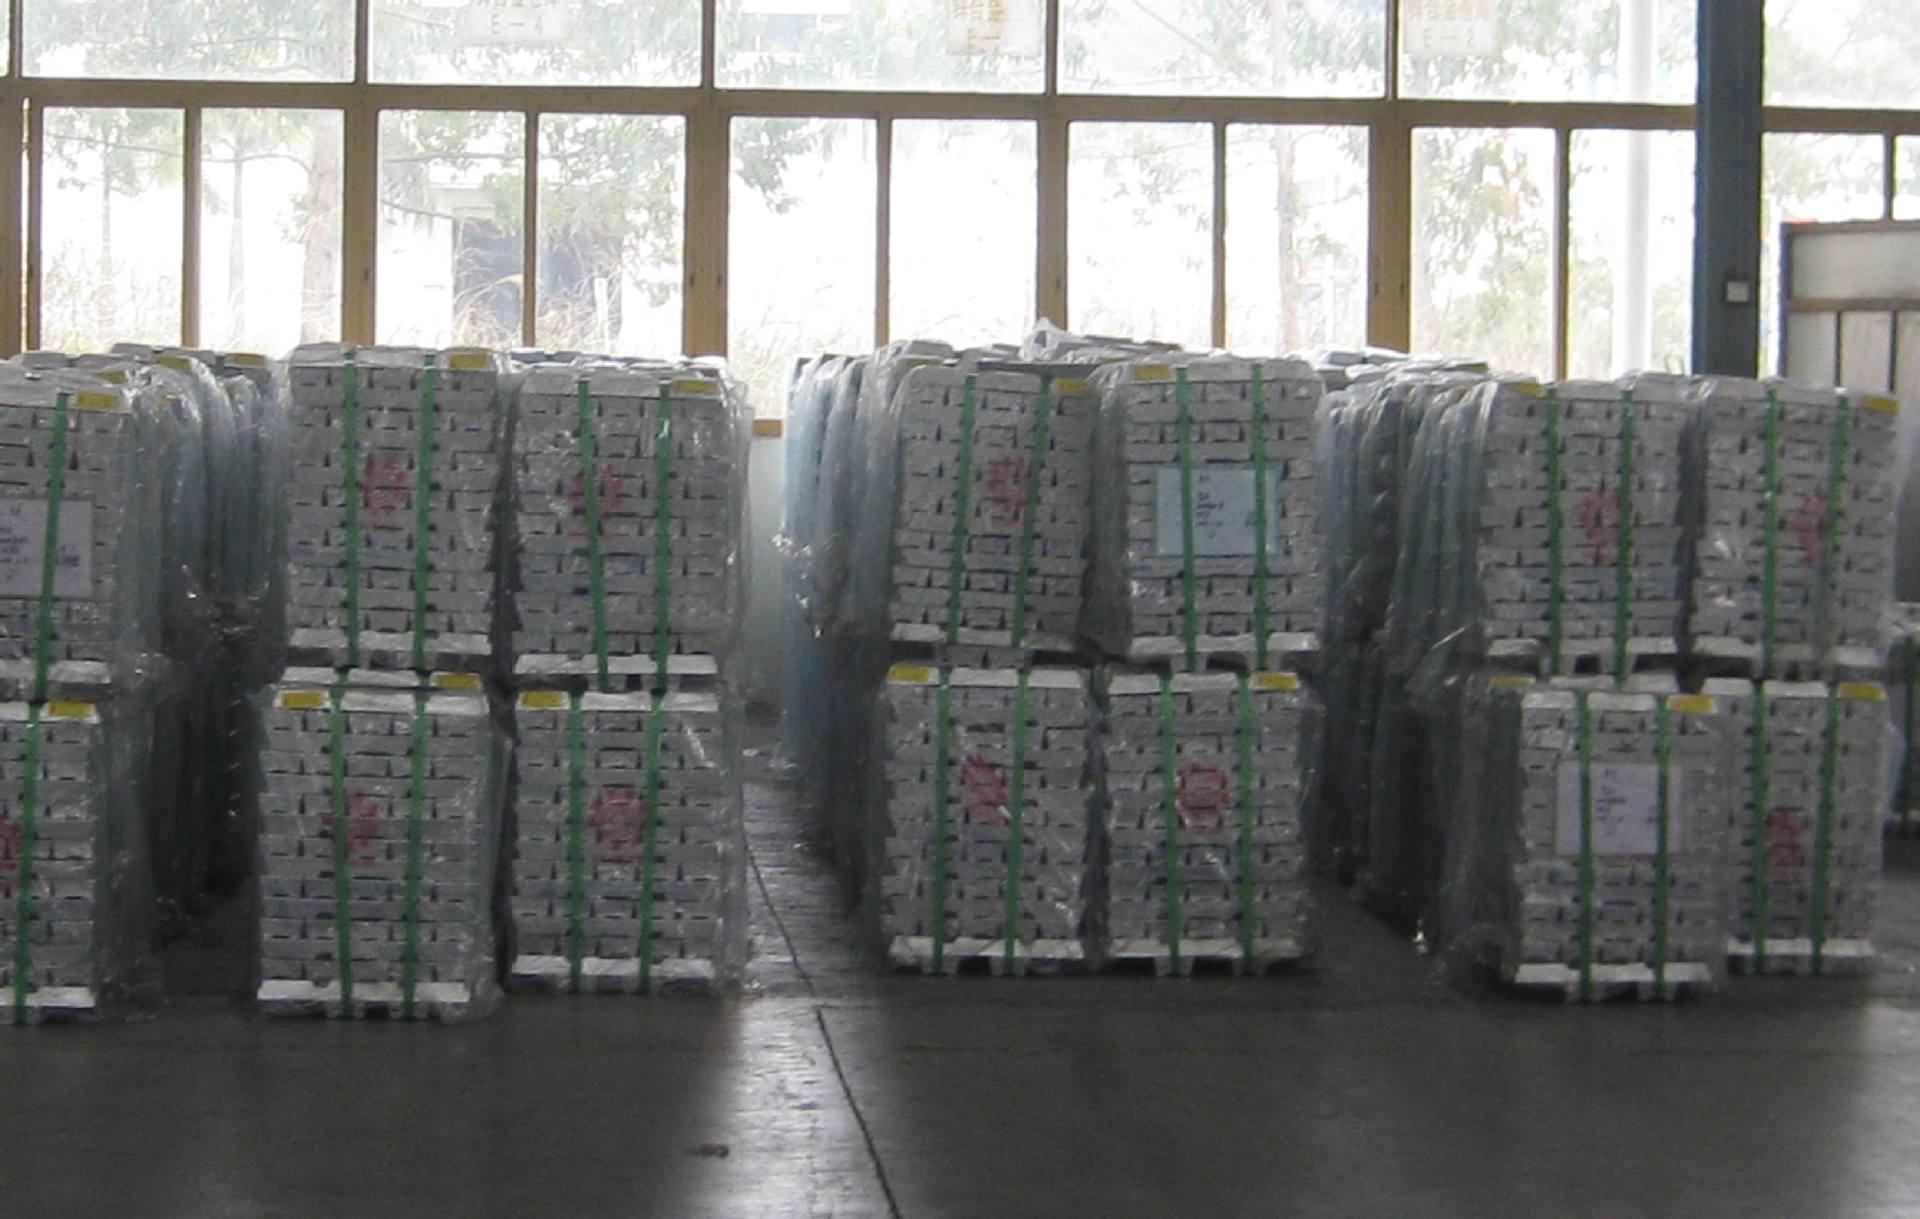 Al 99.5% Pure Aluminum Ingot